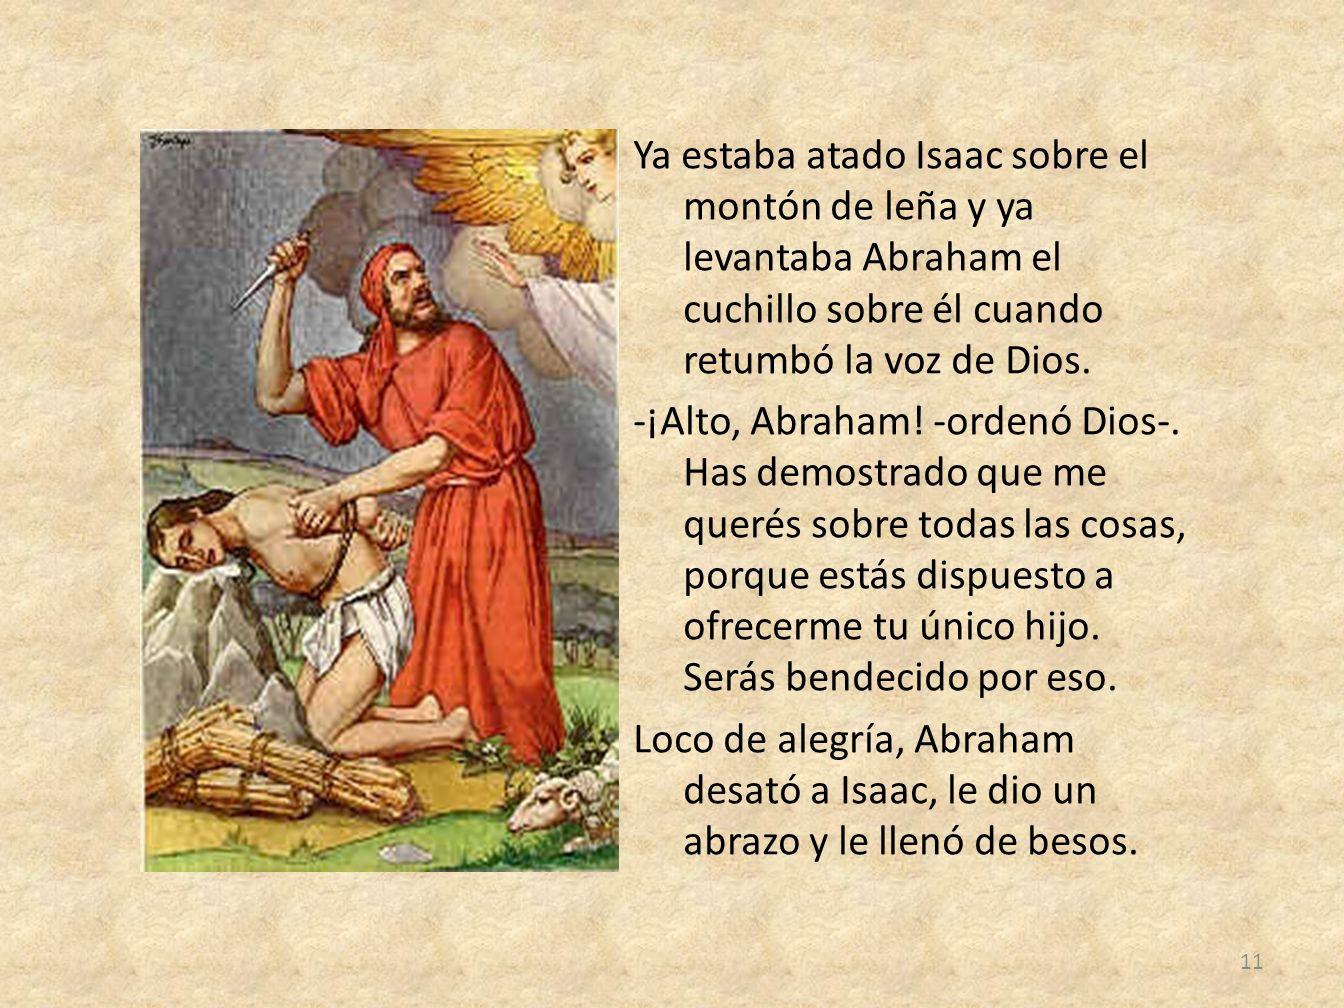 Ya estaba atado Isaac sobre el montón de leña y ya levantaba Abraham el cuchillo sobre él cuando retumbó la voz de Dios.